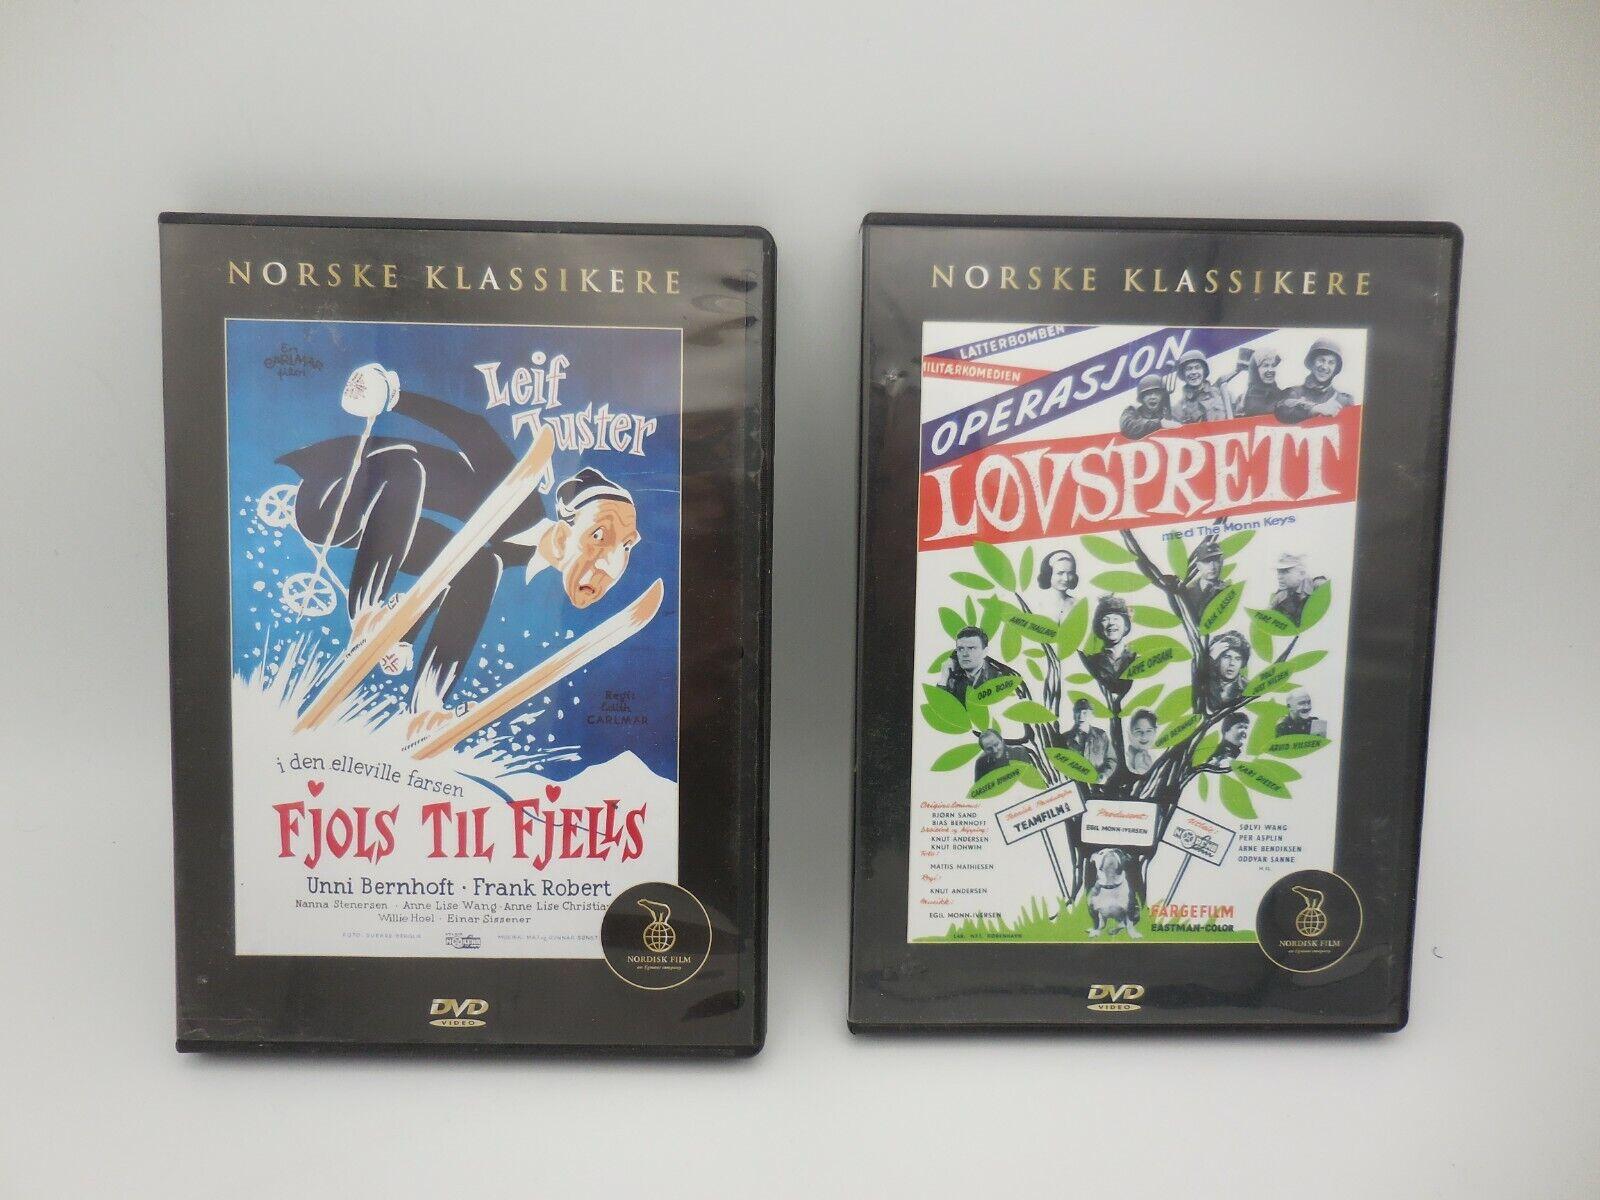 2 DVD Norske Klassikere Operasjon Lovsprett And Fjols Til Fjells Nordisk Film - $9.99